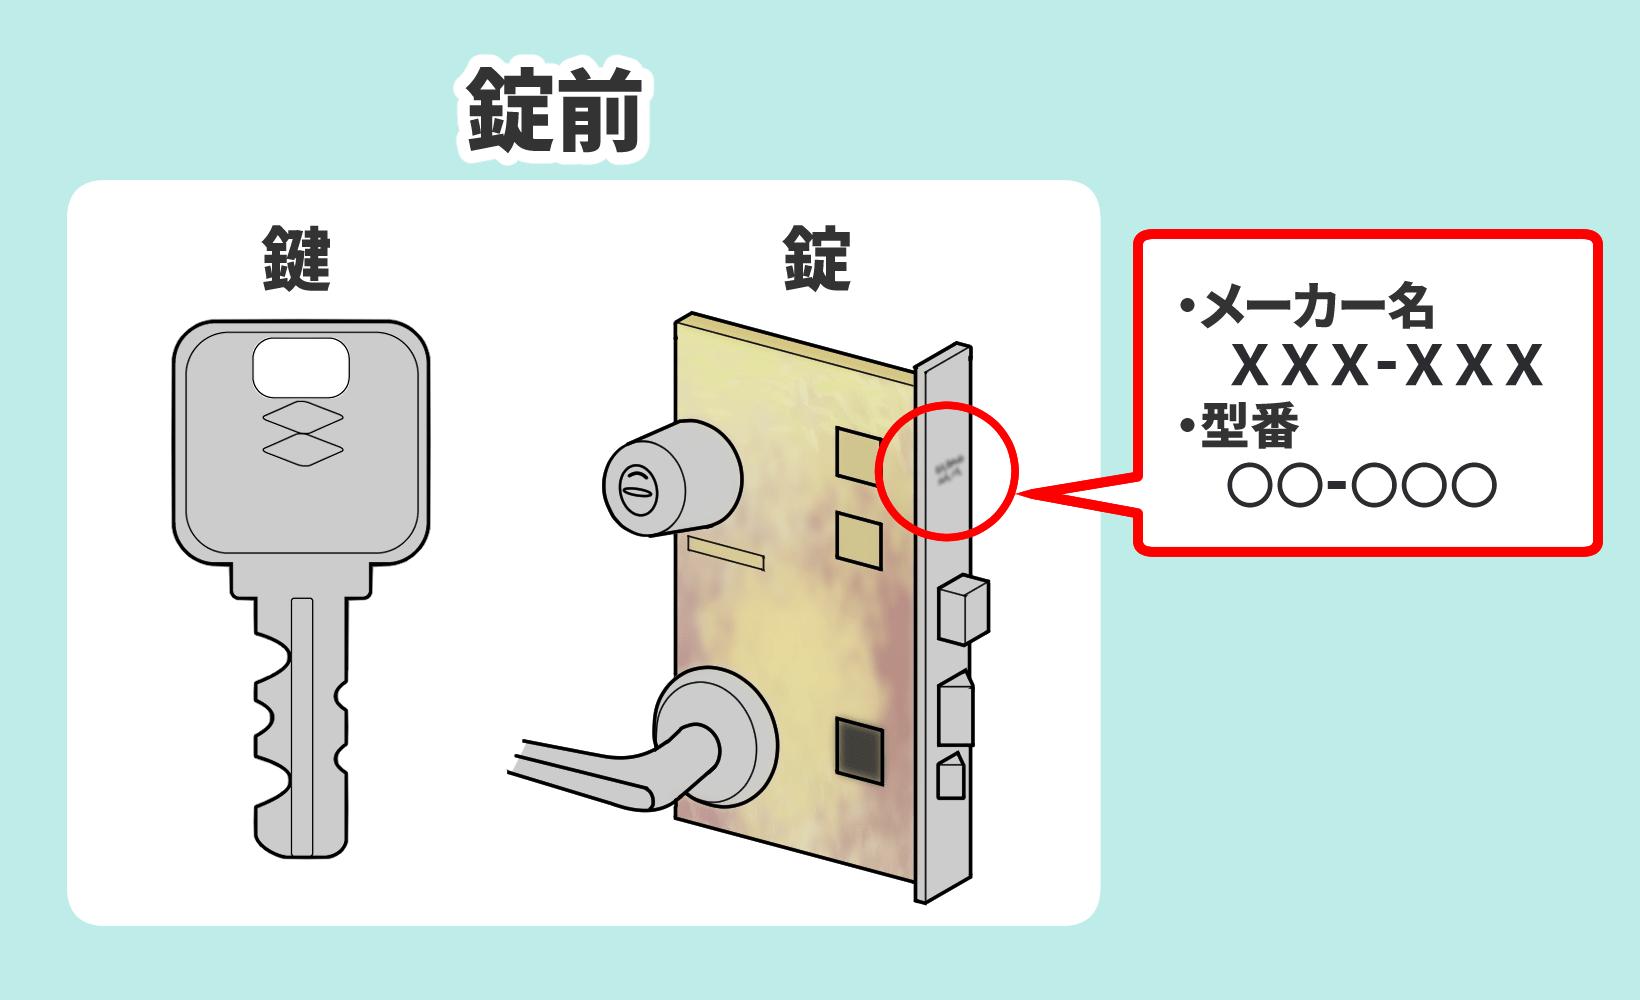 錠前は、鍵と錠と呼ばれるドアノブやシリンダーを含む鍵ケースを合わせたものをいいます。メーカー名や型番は鍵ケースのプレート部分にあります。必ず確認が必要です。